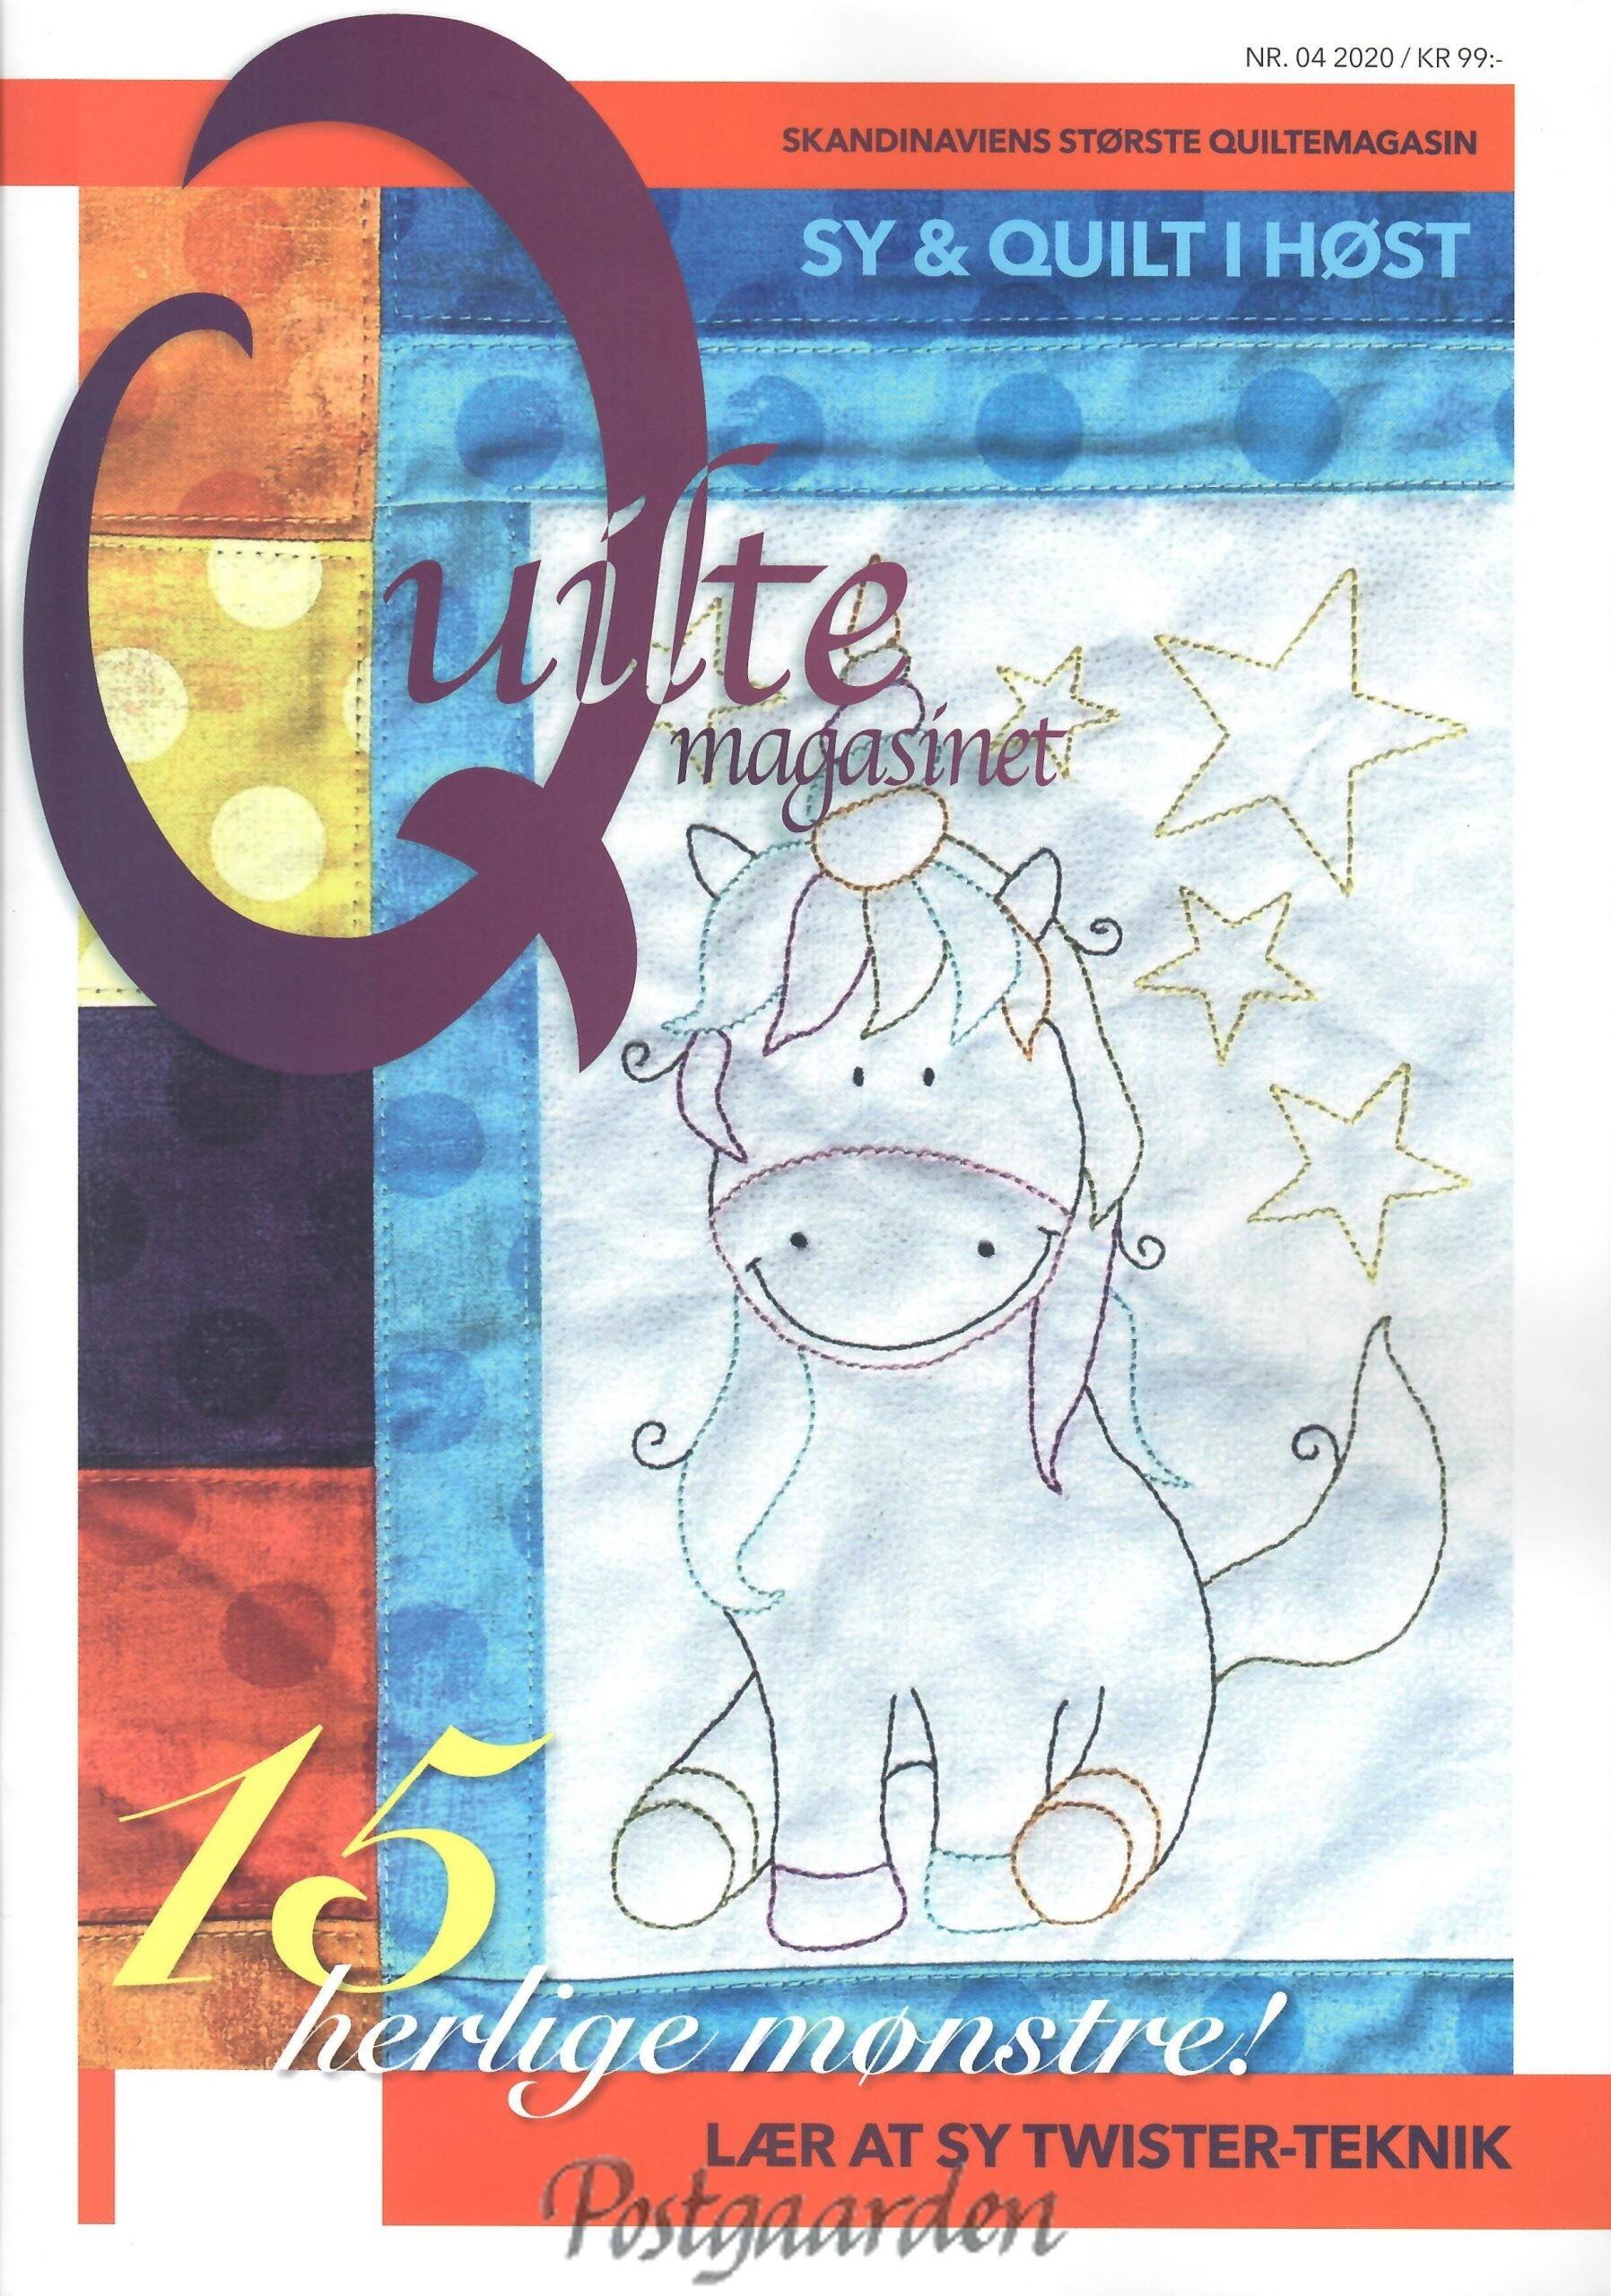 QM042020 Quiltemagasinet